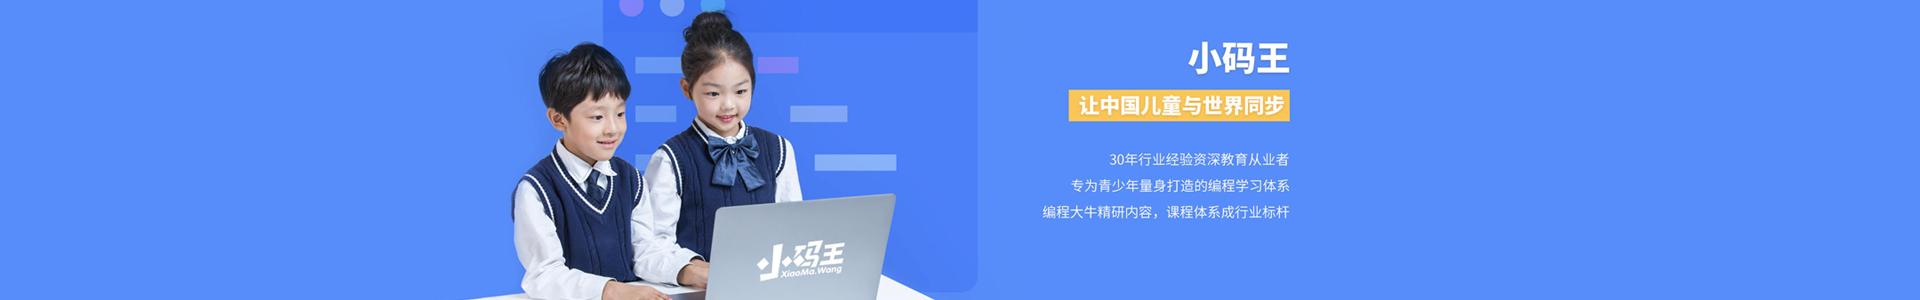 杭州小码王少儿编程培训学校